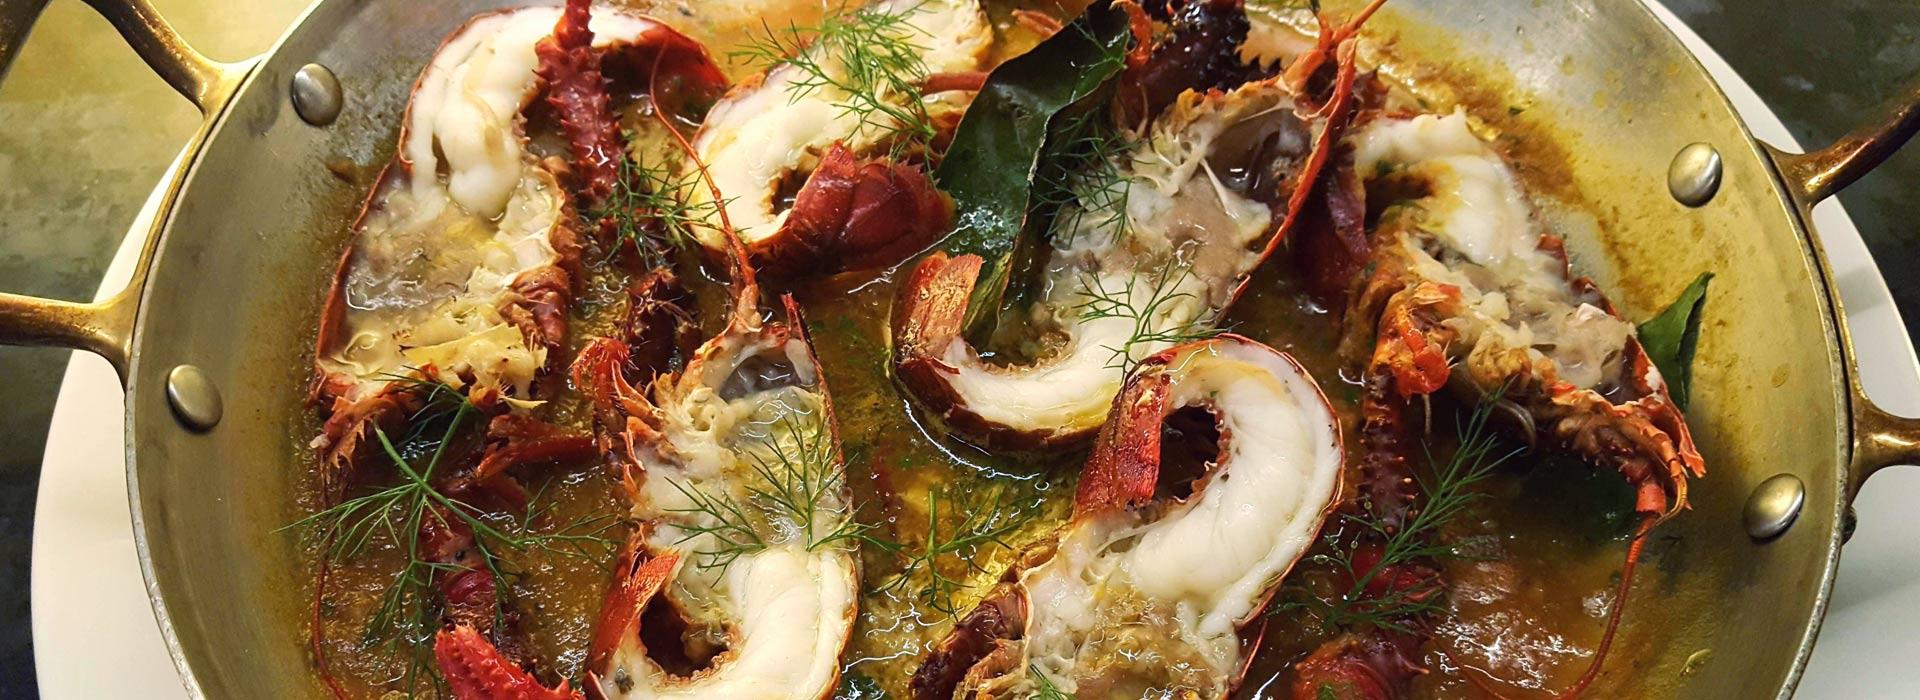 Best Seafood Restaurants Eellington